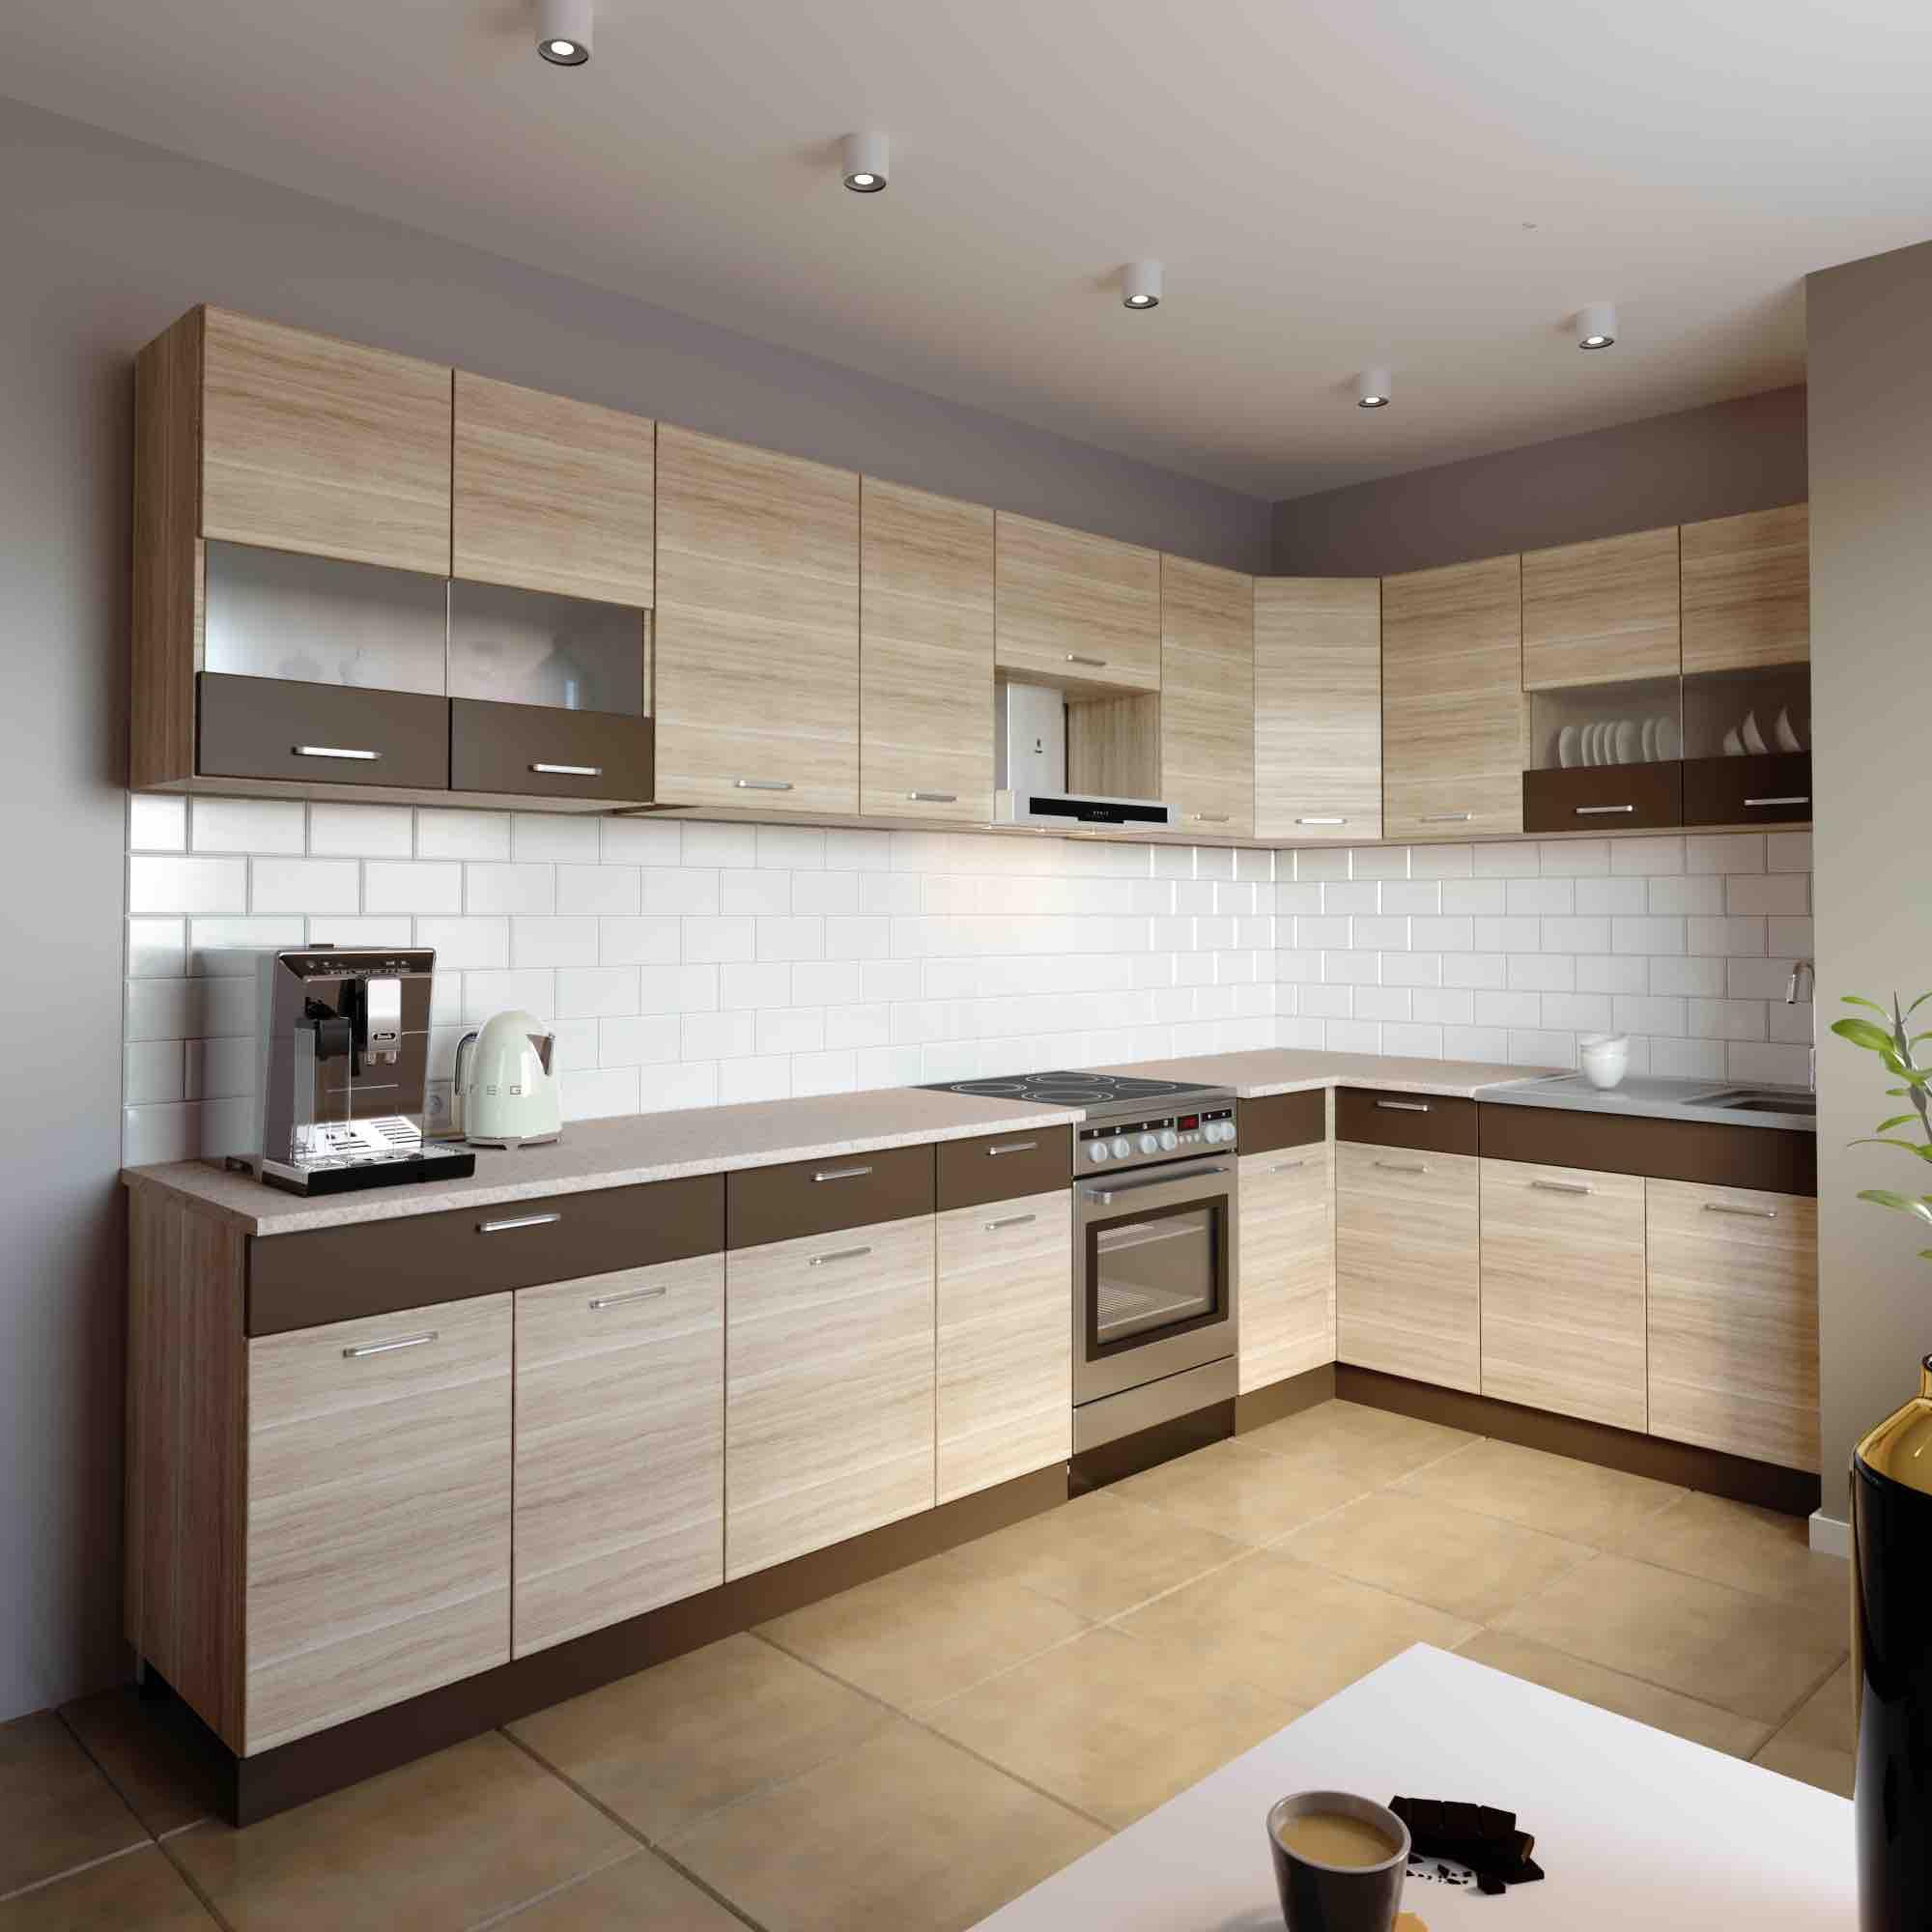 k che l form alina 180 330 cm m bel dena. Black Bedroom Furniture Sets. Home Design Ideas